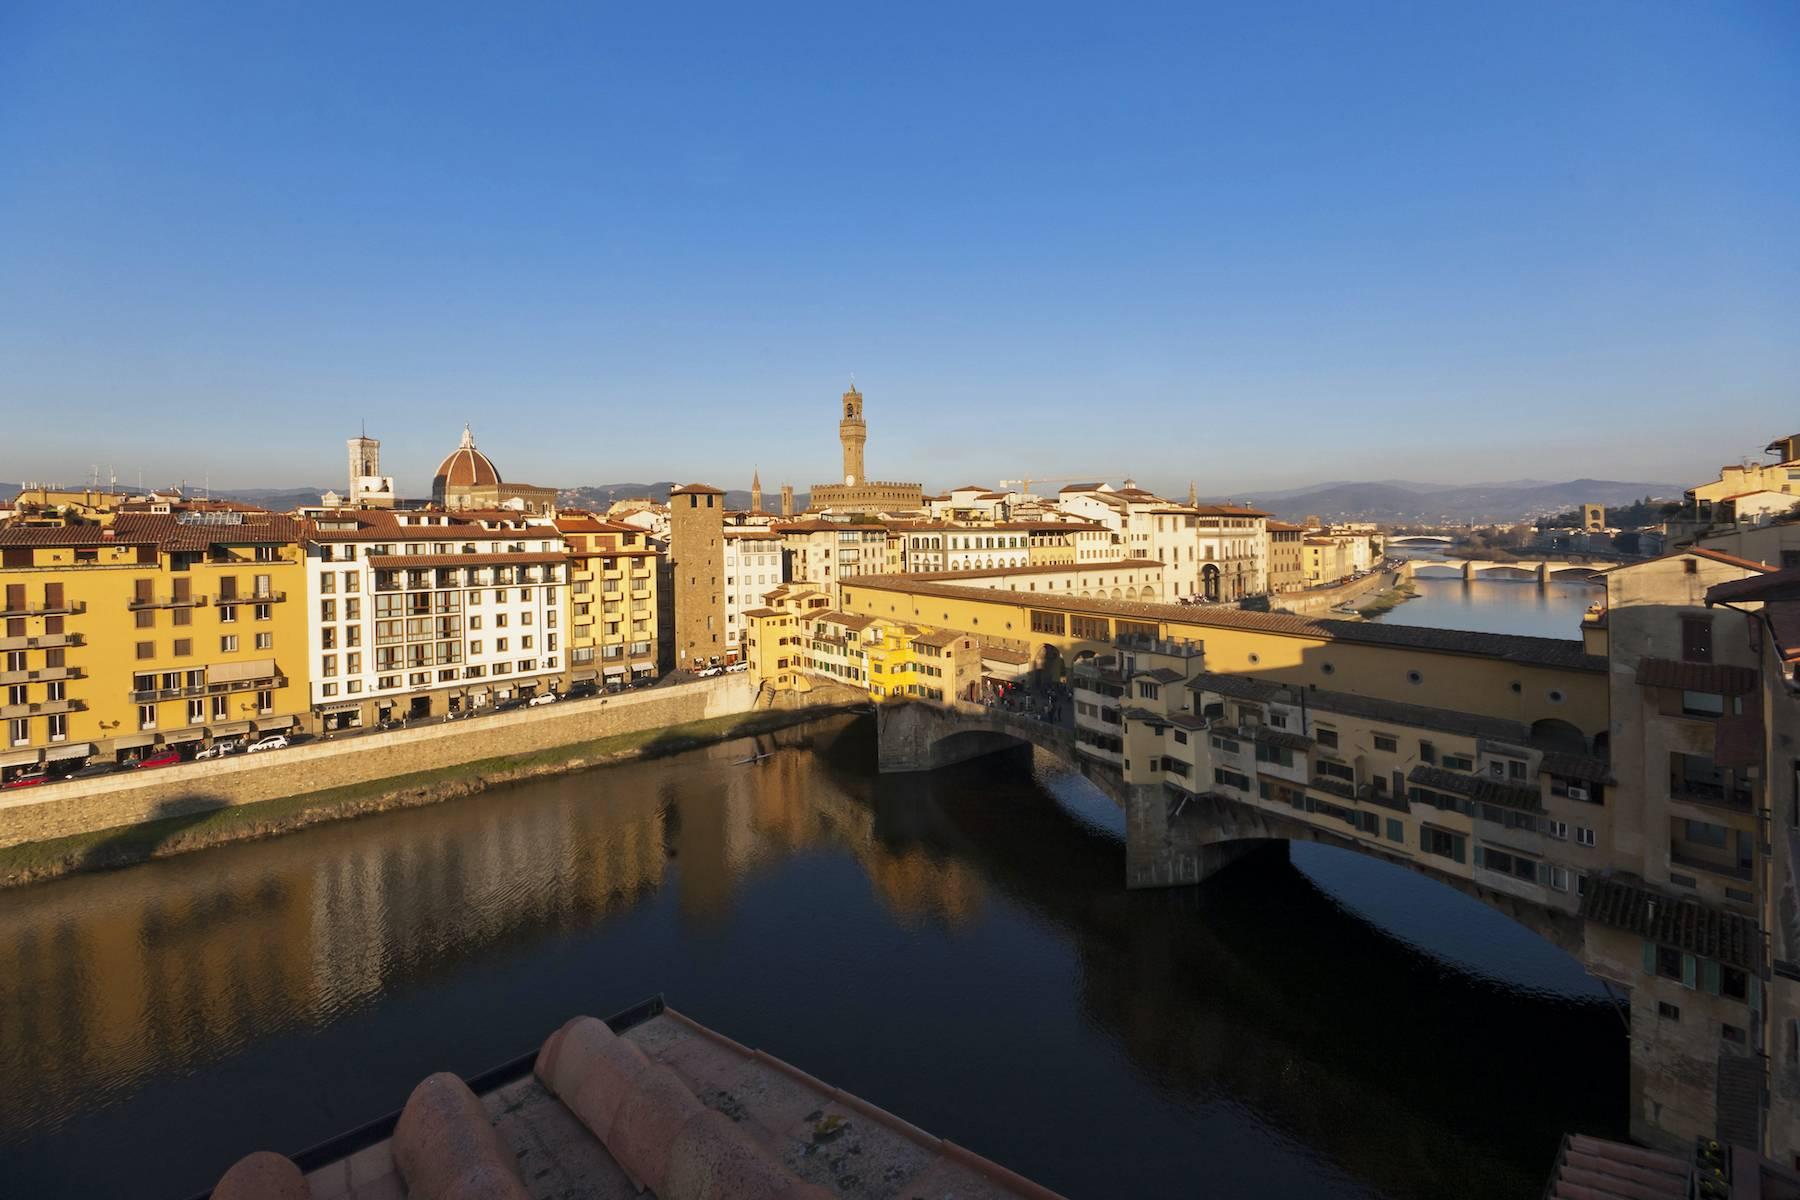 Attico in Affitto a Firenze: 5 locali, 125 mq - Foto 4